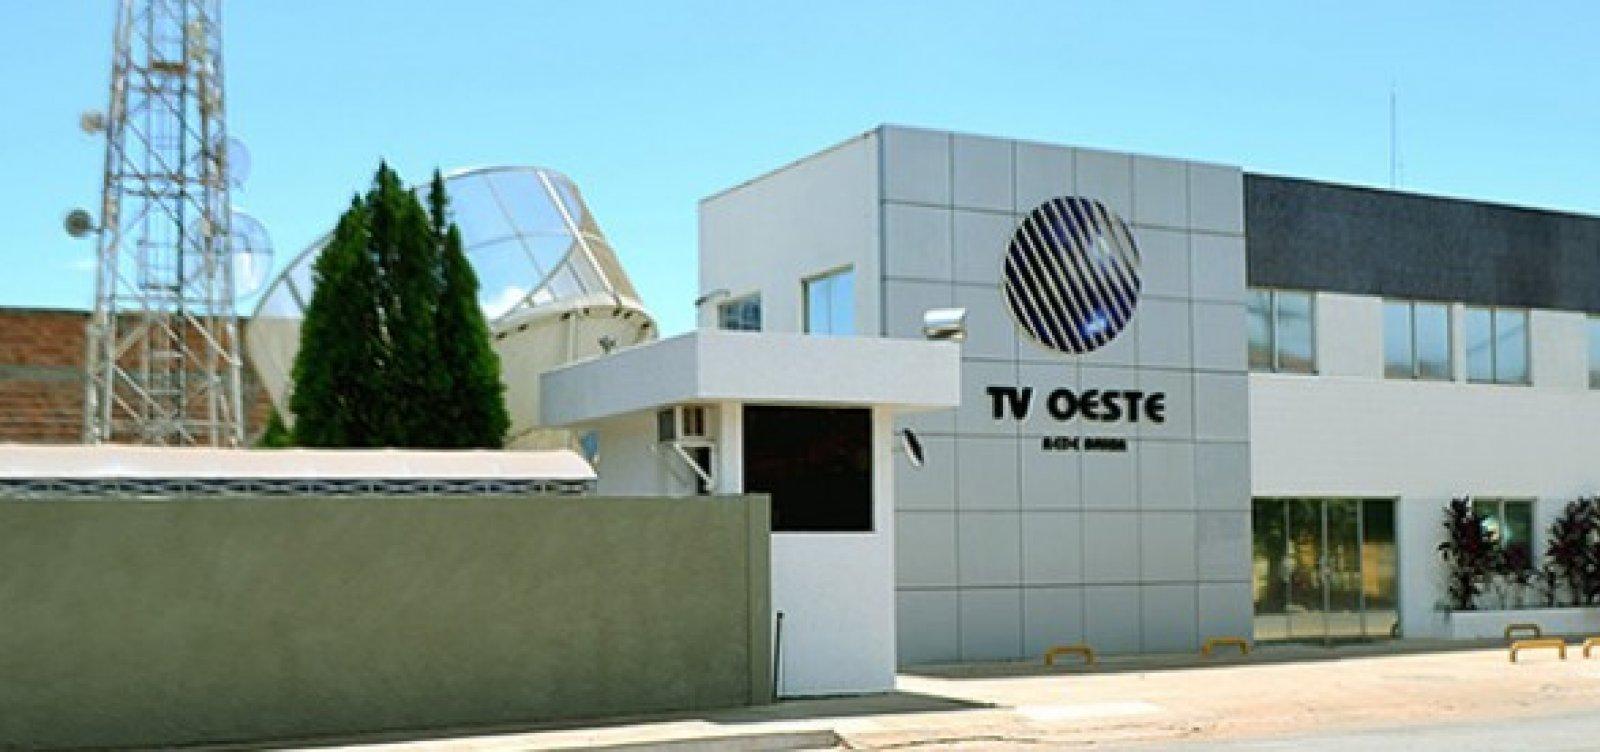 TV Oeste e TV São Francisco deixam de exibir jornais locais